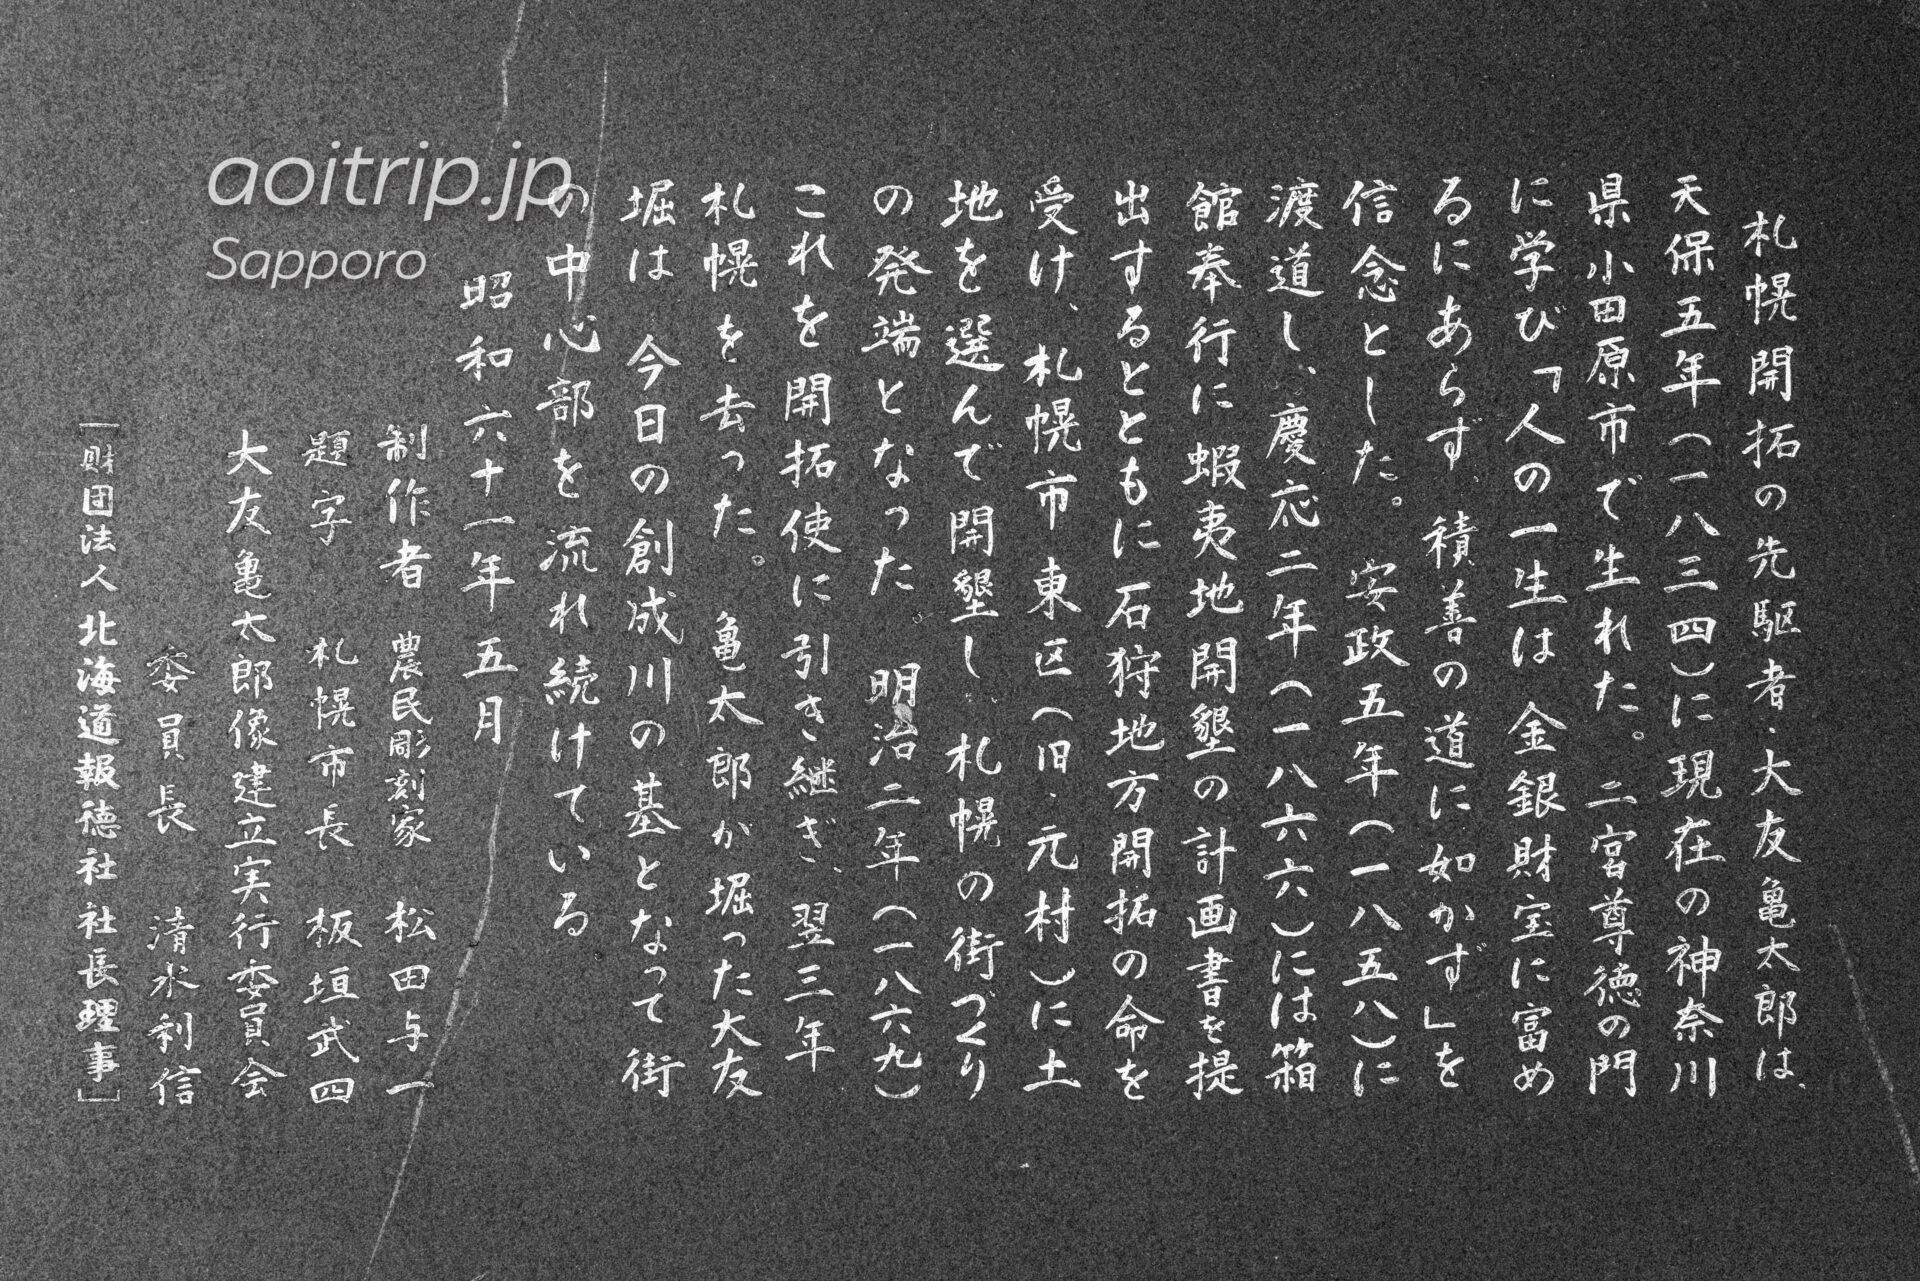 創成川公園 大友亀太郎の像